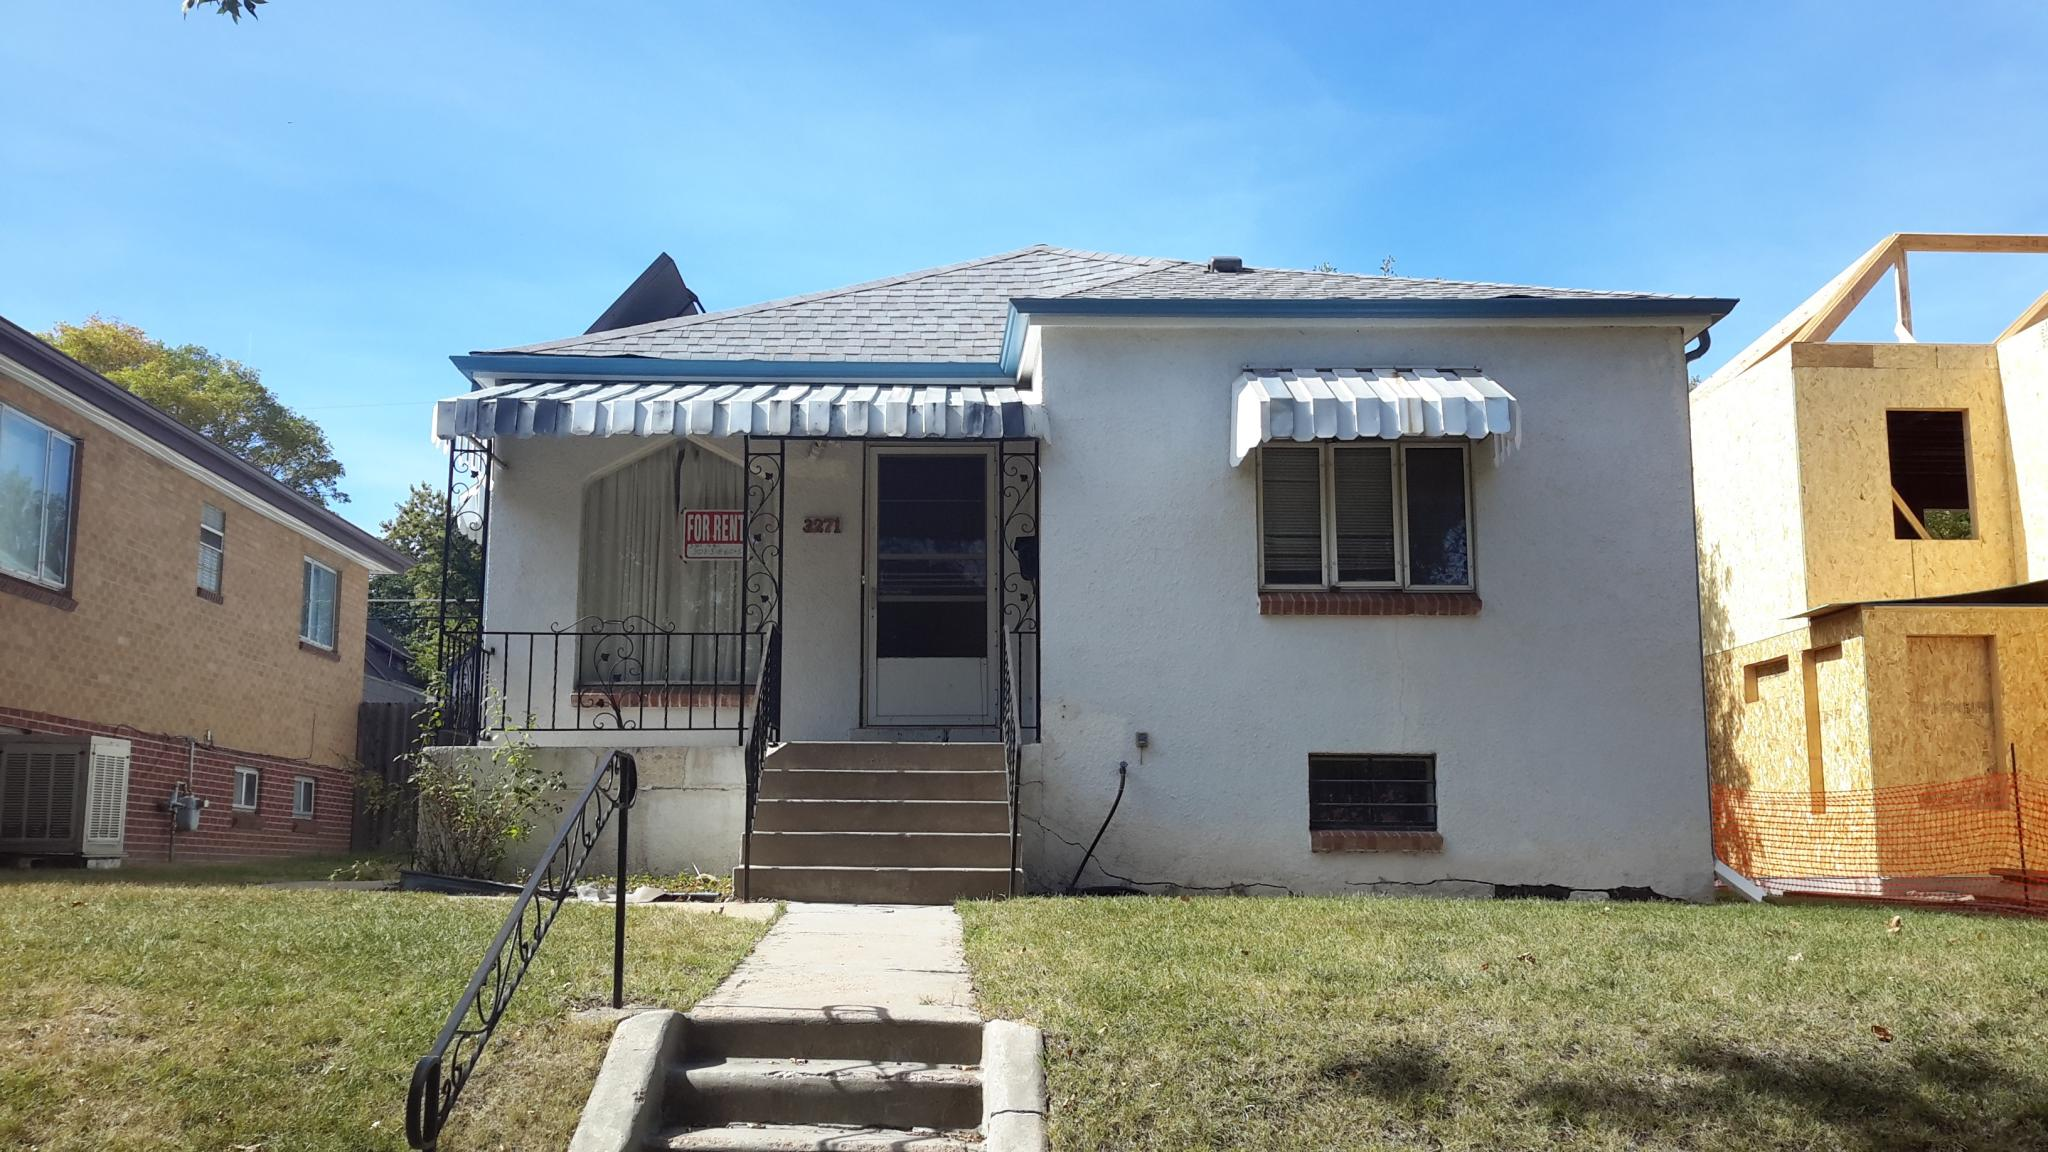 3271 Meade St, Denver, CO 80211 For Rent | Trulia